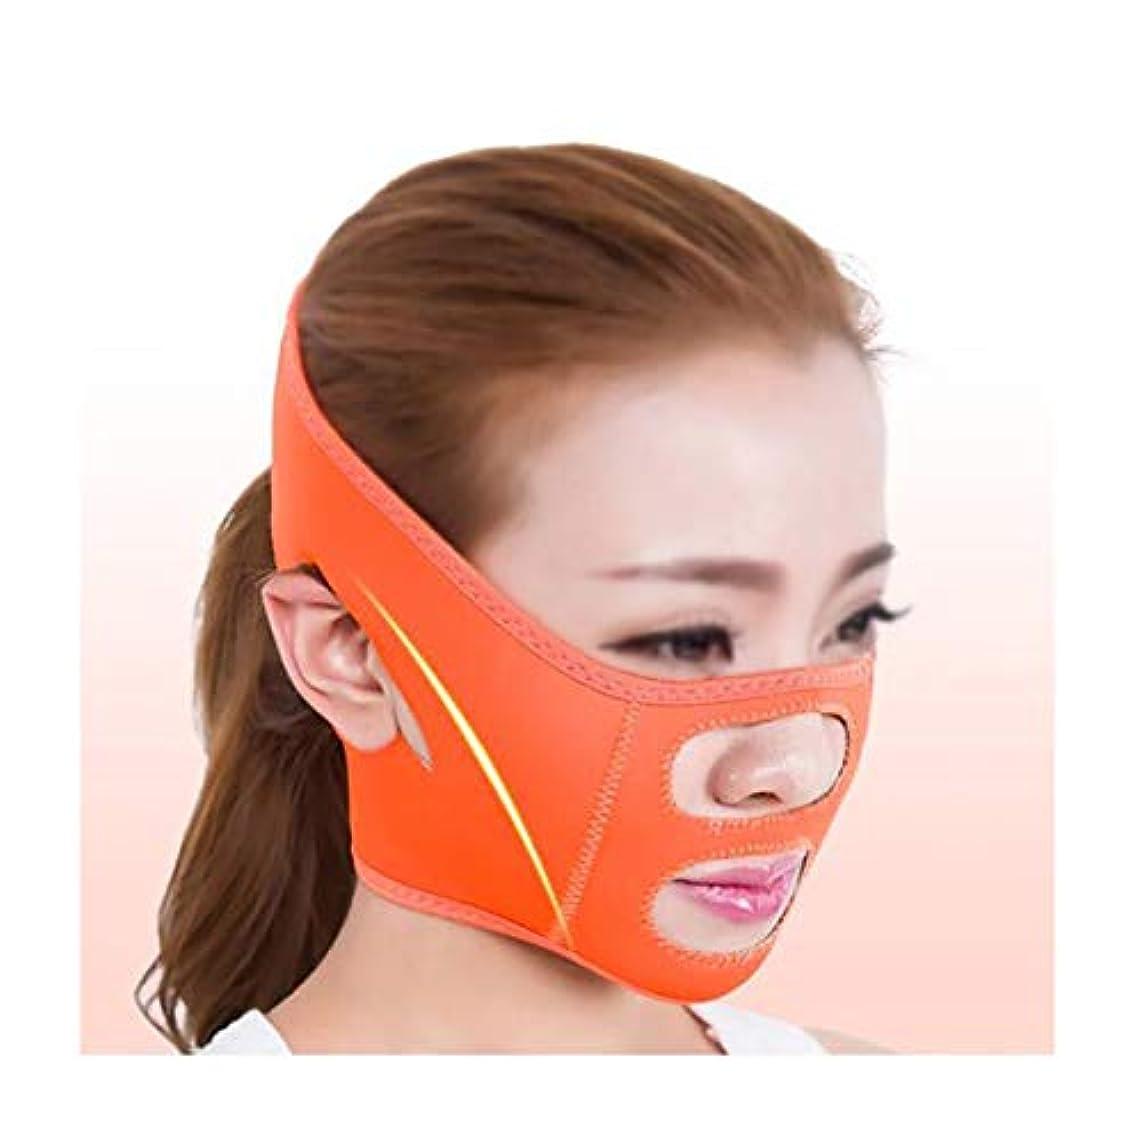 脚本狐爪XHLMRMJ 引き締めフェイスマスク、術後リフティングマスクホーム包帯揺れネットワーク赤女性vフェイスステッカーストラップ楽器フェイスアーティファクト (Color : Orange)